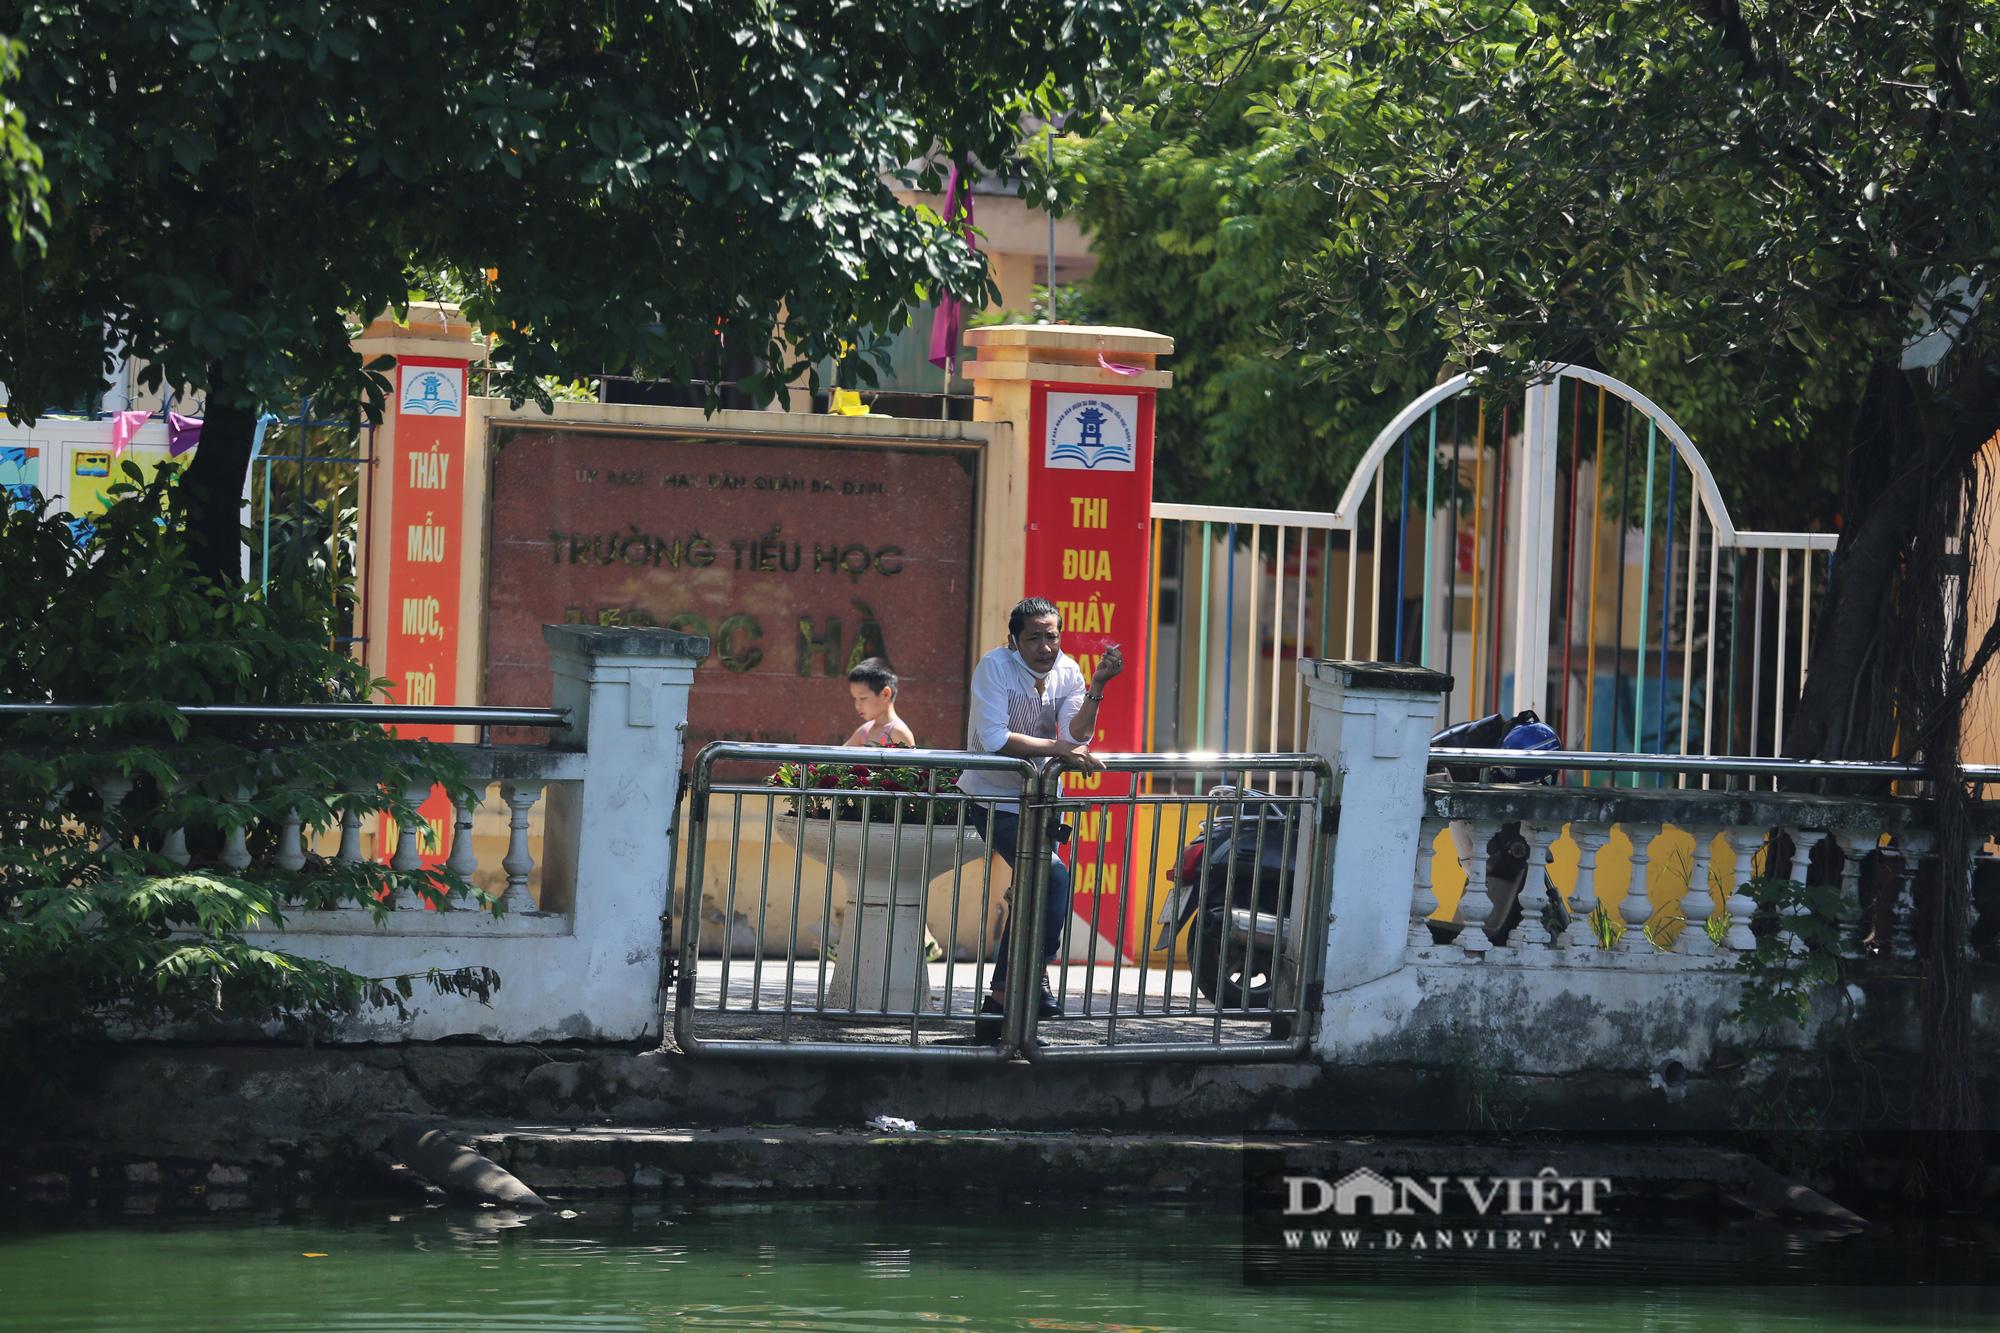 Hồ Hữu Tiệp, nơi xác máy bay B52 bị bắn rơi tại Hà Nội được tu bổ, tôn tạo - Ảnh 12.